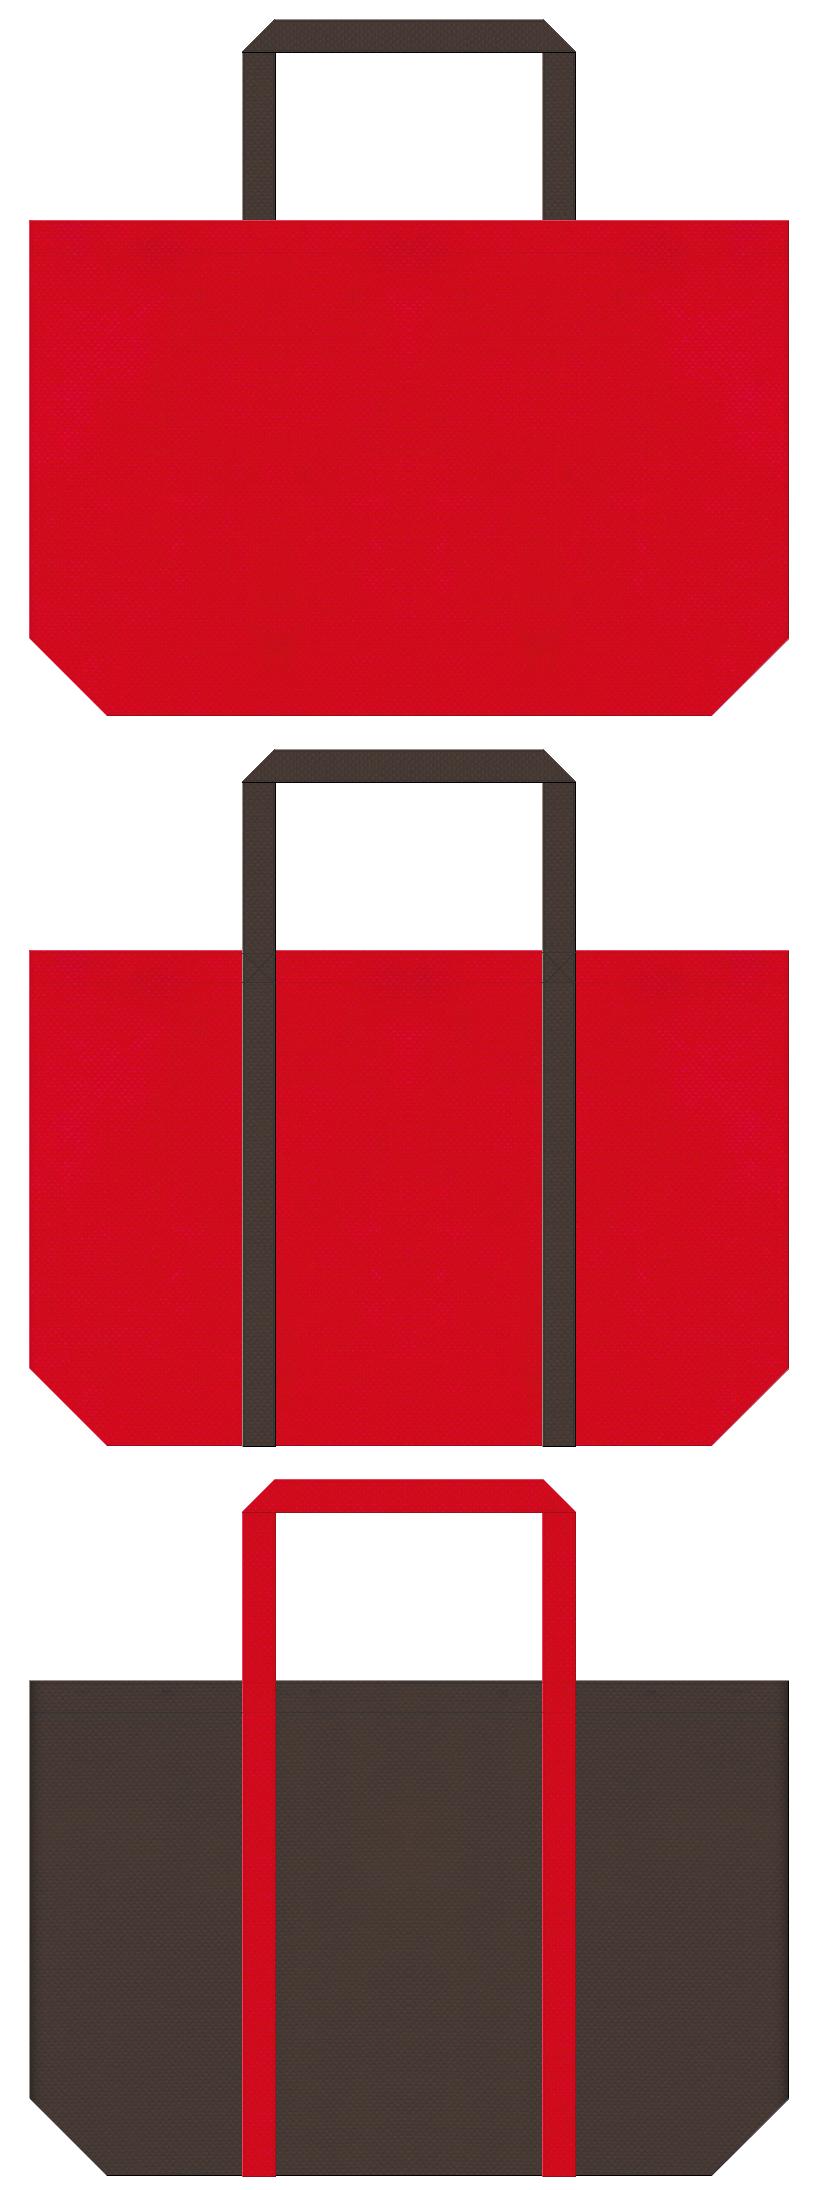 野点傘・和傘・茶会・お祭り・和風催事・暖炉・ストーブ・暖房器具・トナカイ・クリスマスセールのショッピングバッグにお奨めの不織布バッグデザイン:紅色とこげ茶色のコーデ